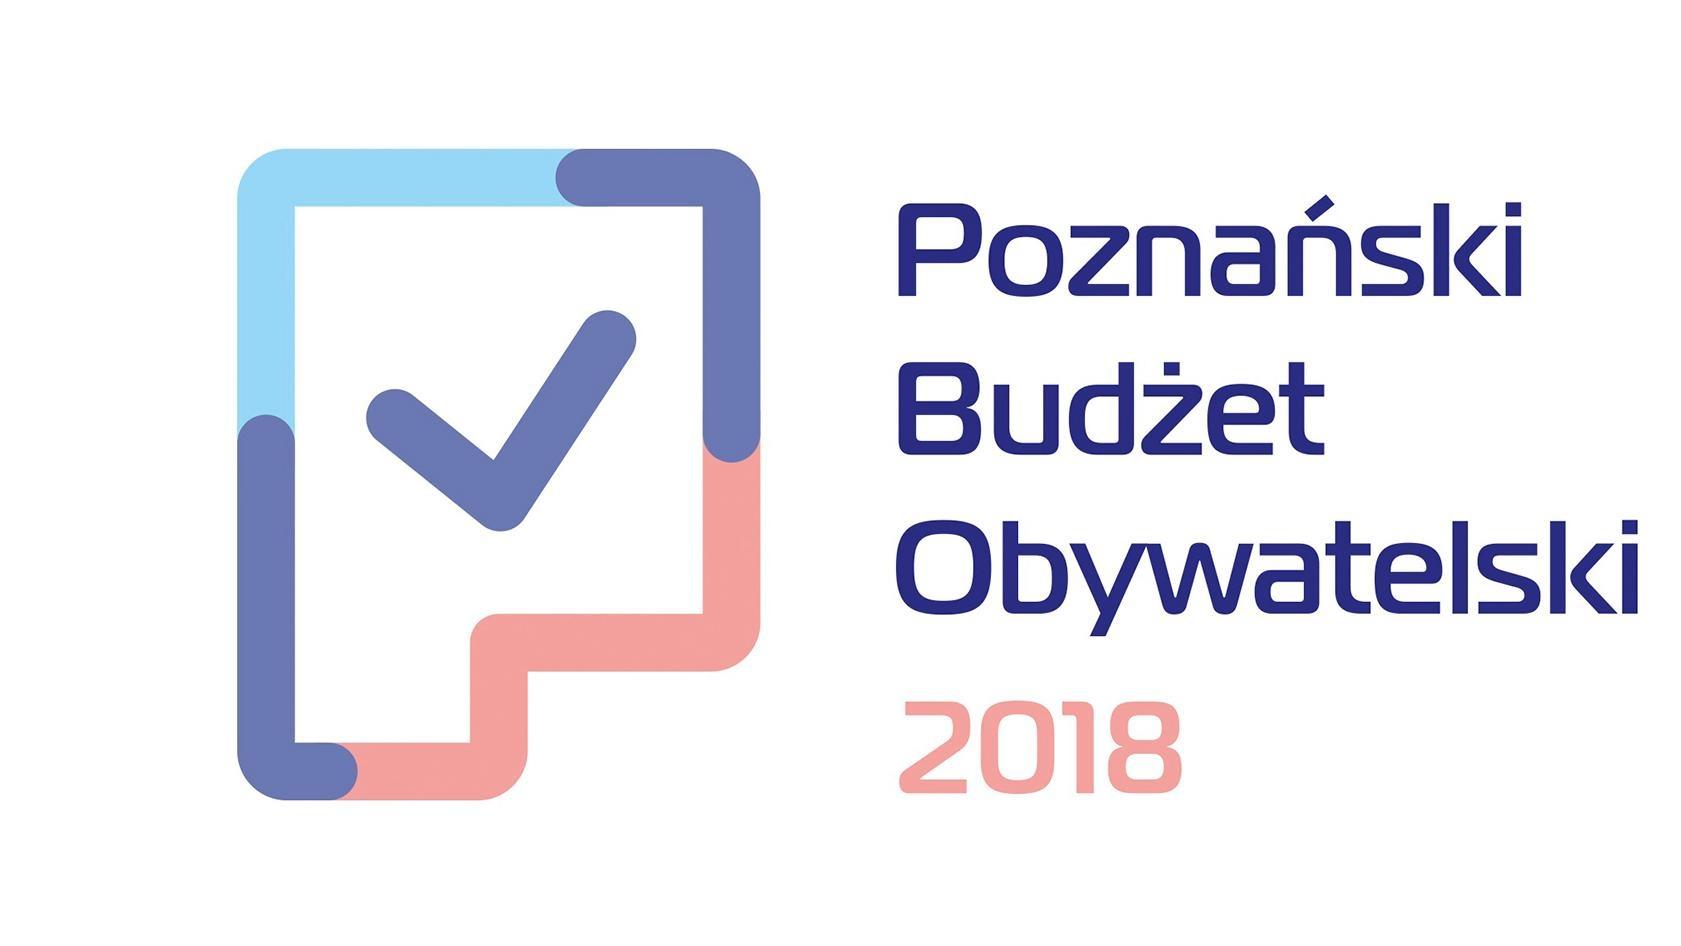 Logotyp Budżet Obywatelski Poznań